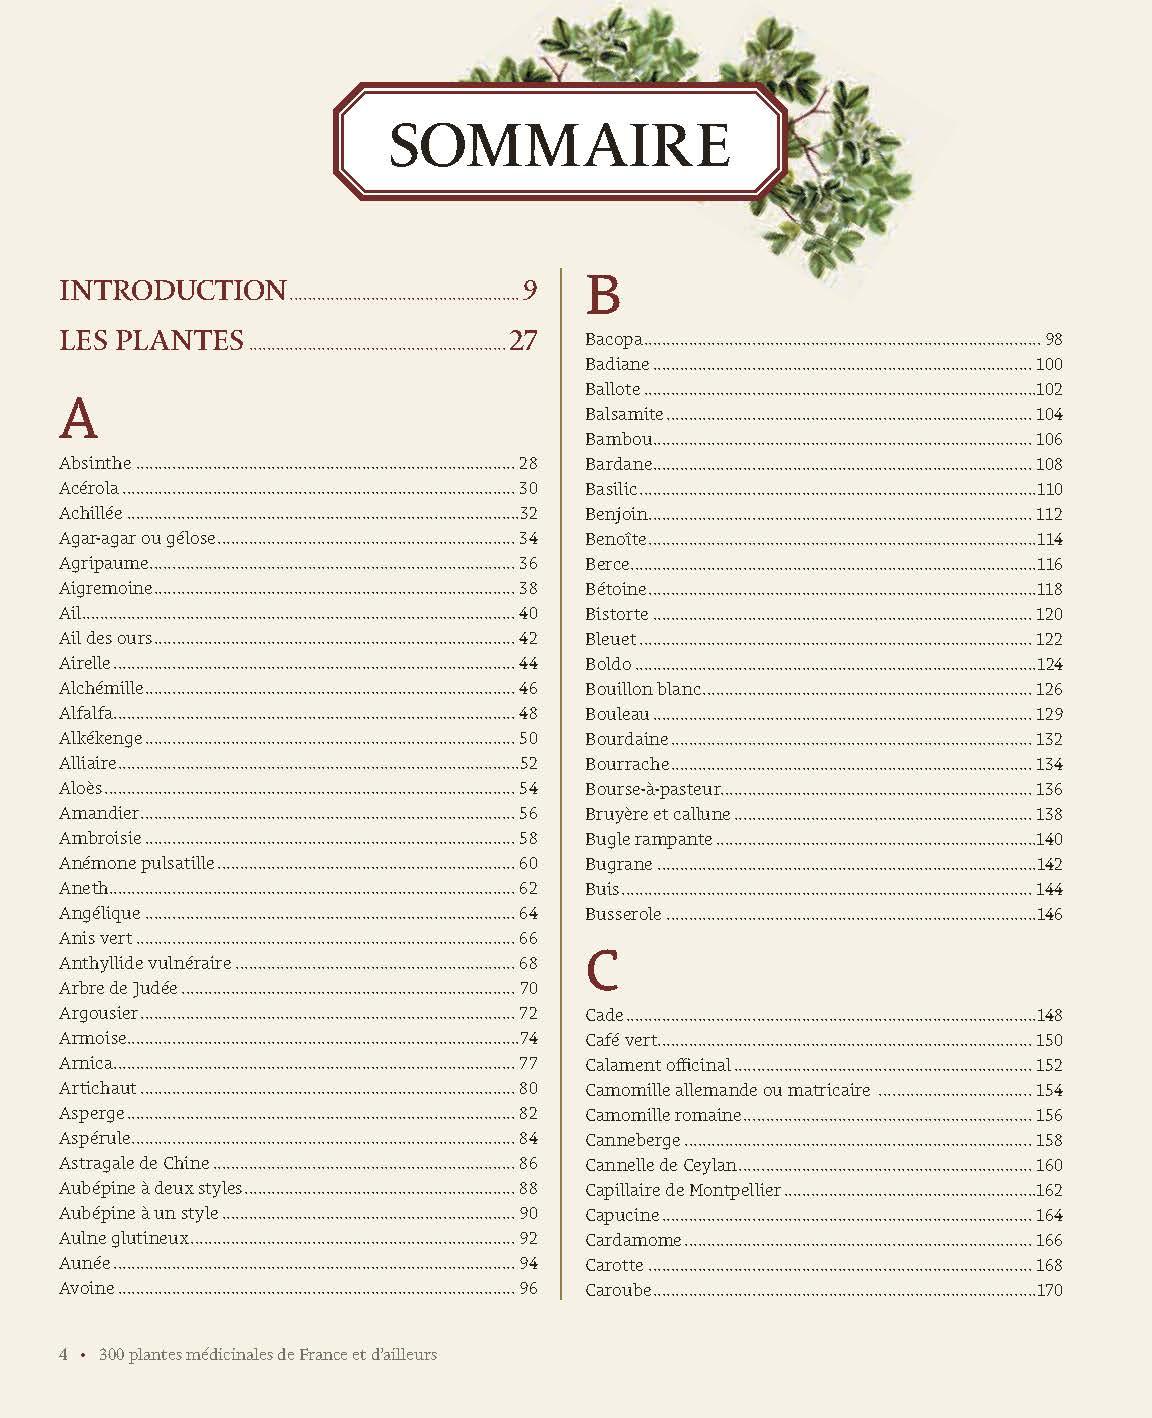 300 plantes médicinales de France et d'ailleurs 2